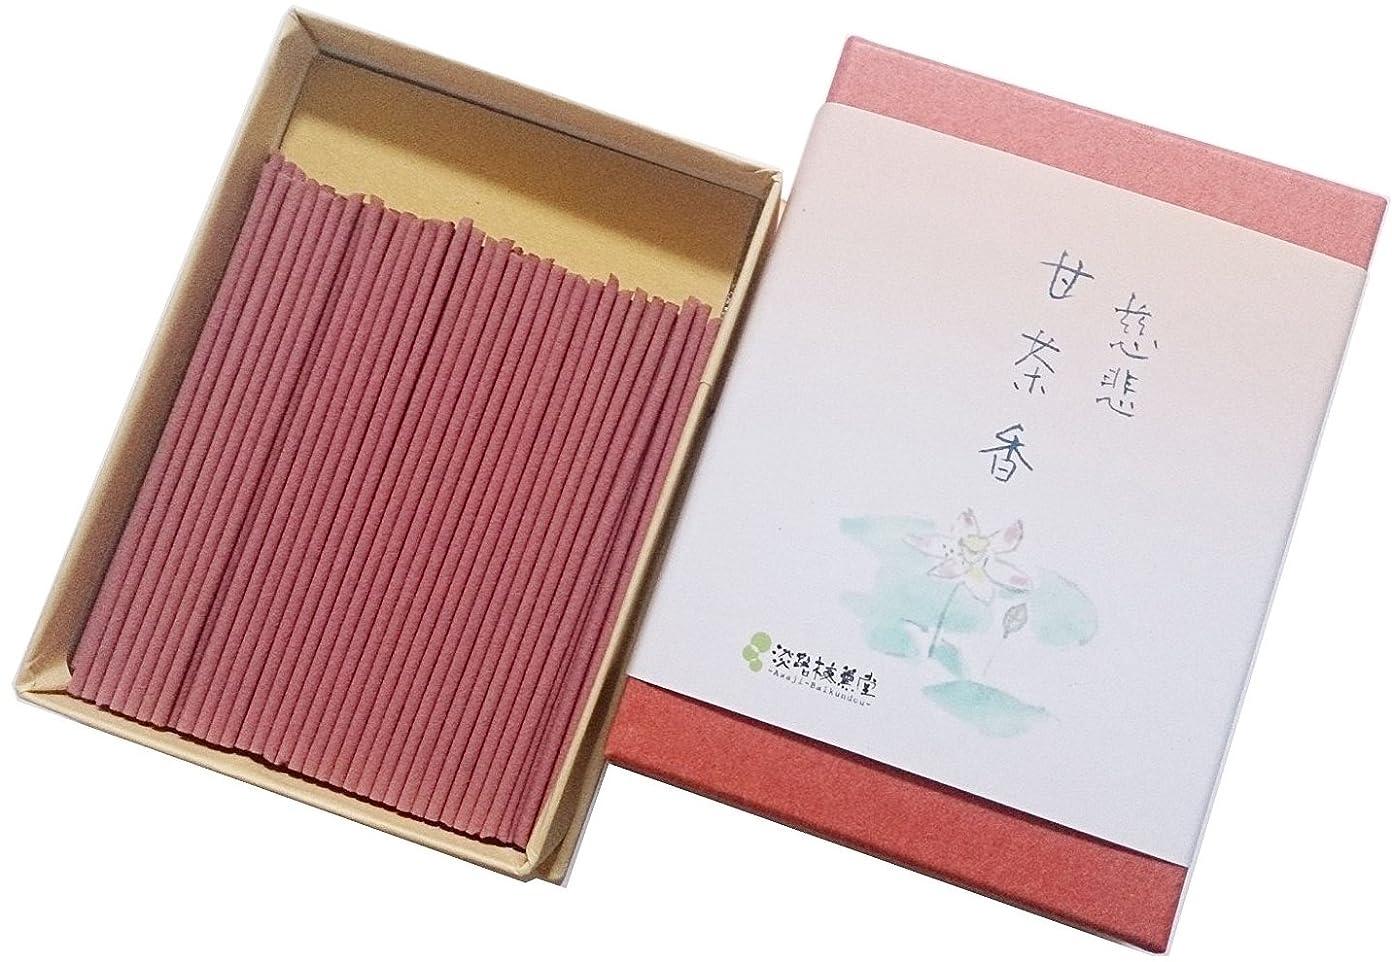 活性化する動かすスリチンモイ淡路梅薫堂のお香 慈悲甘茶香 25g #54 ミニ寸 いい香り いい匂い お線香